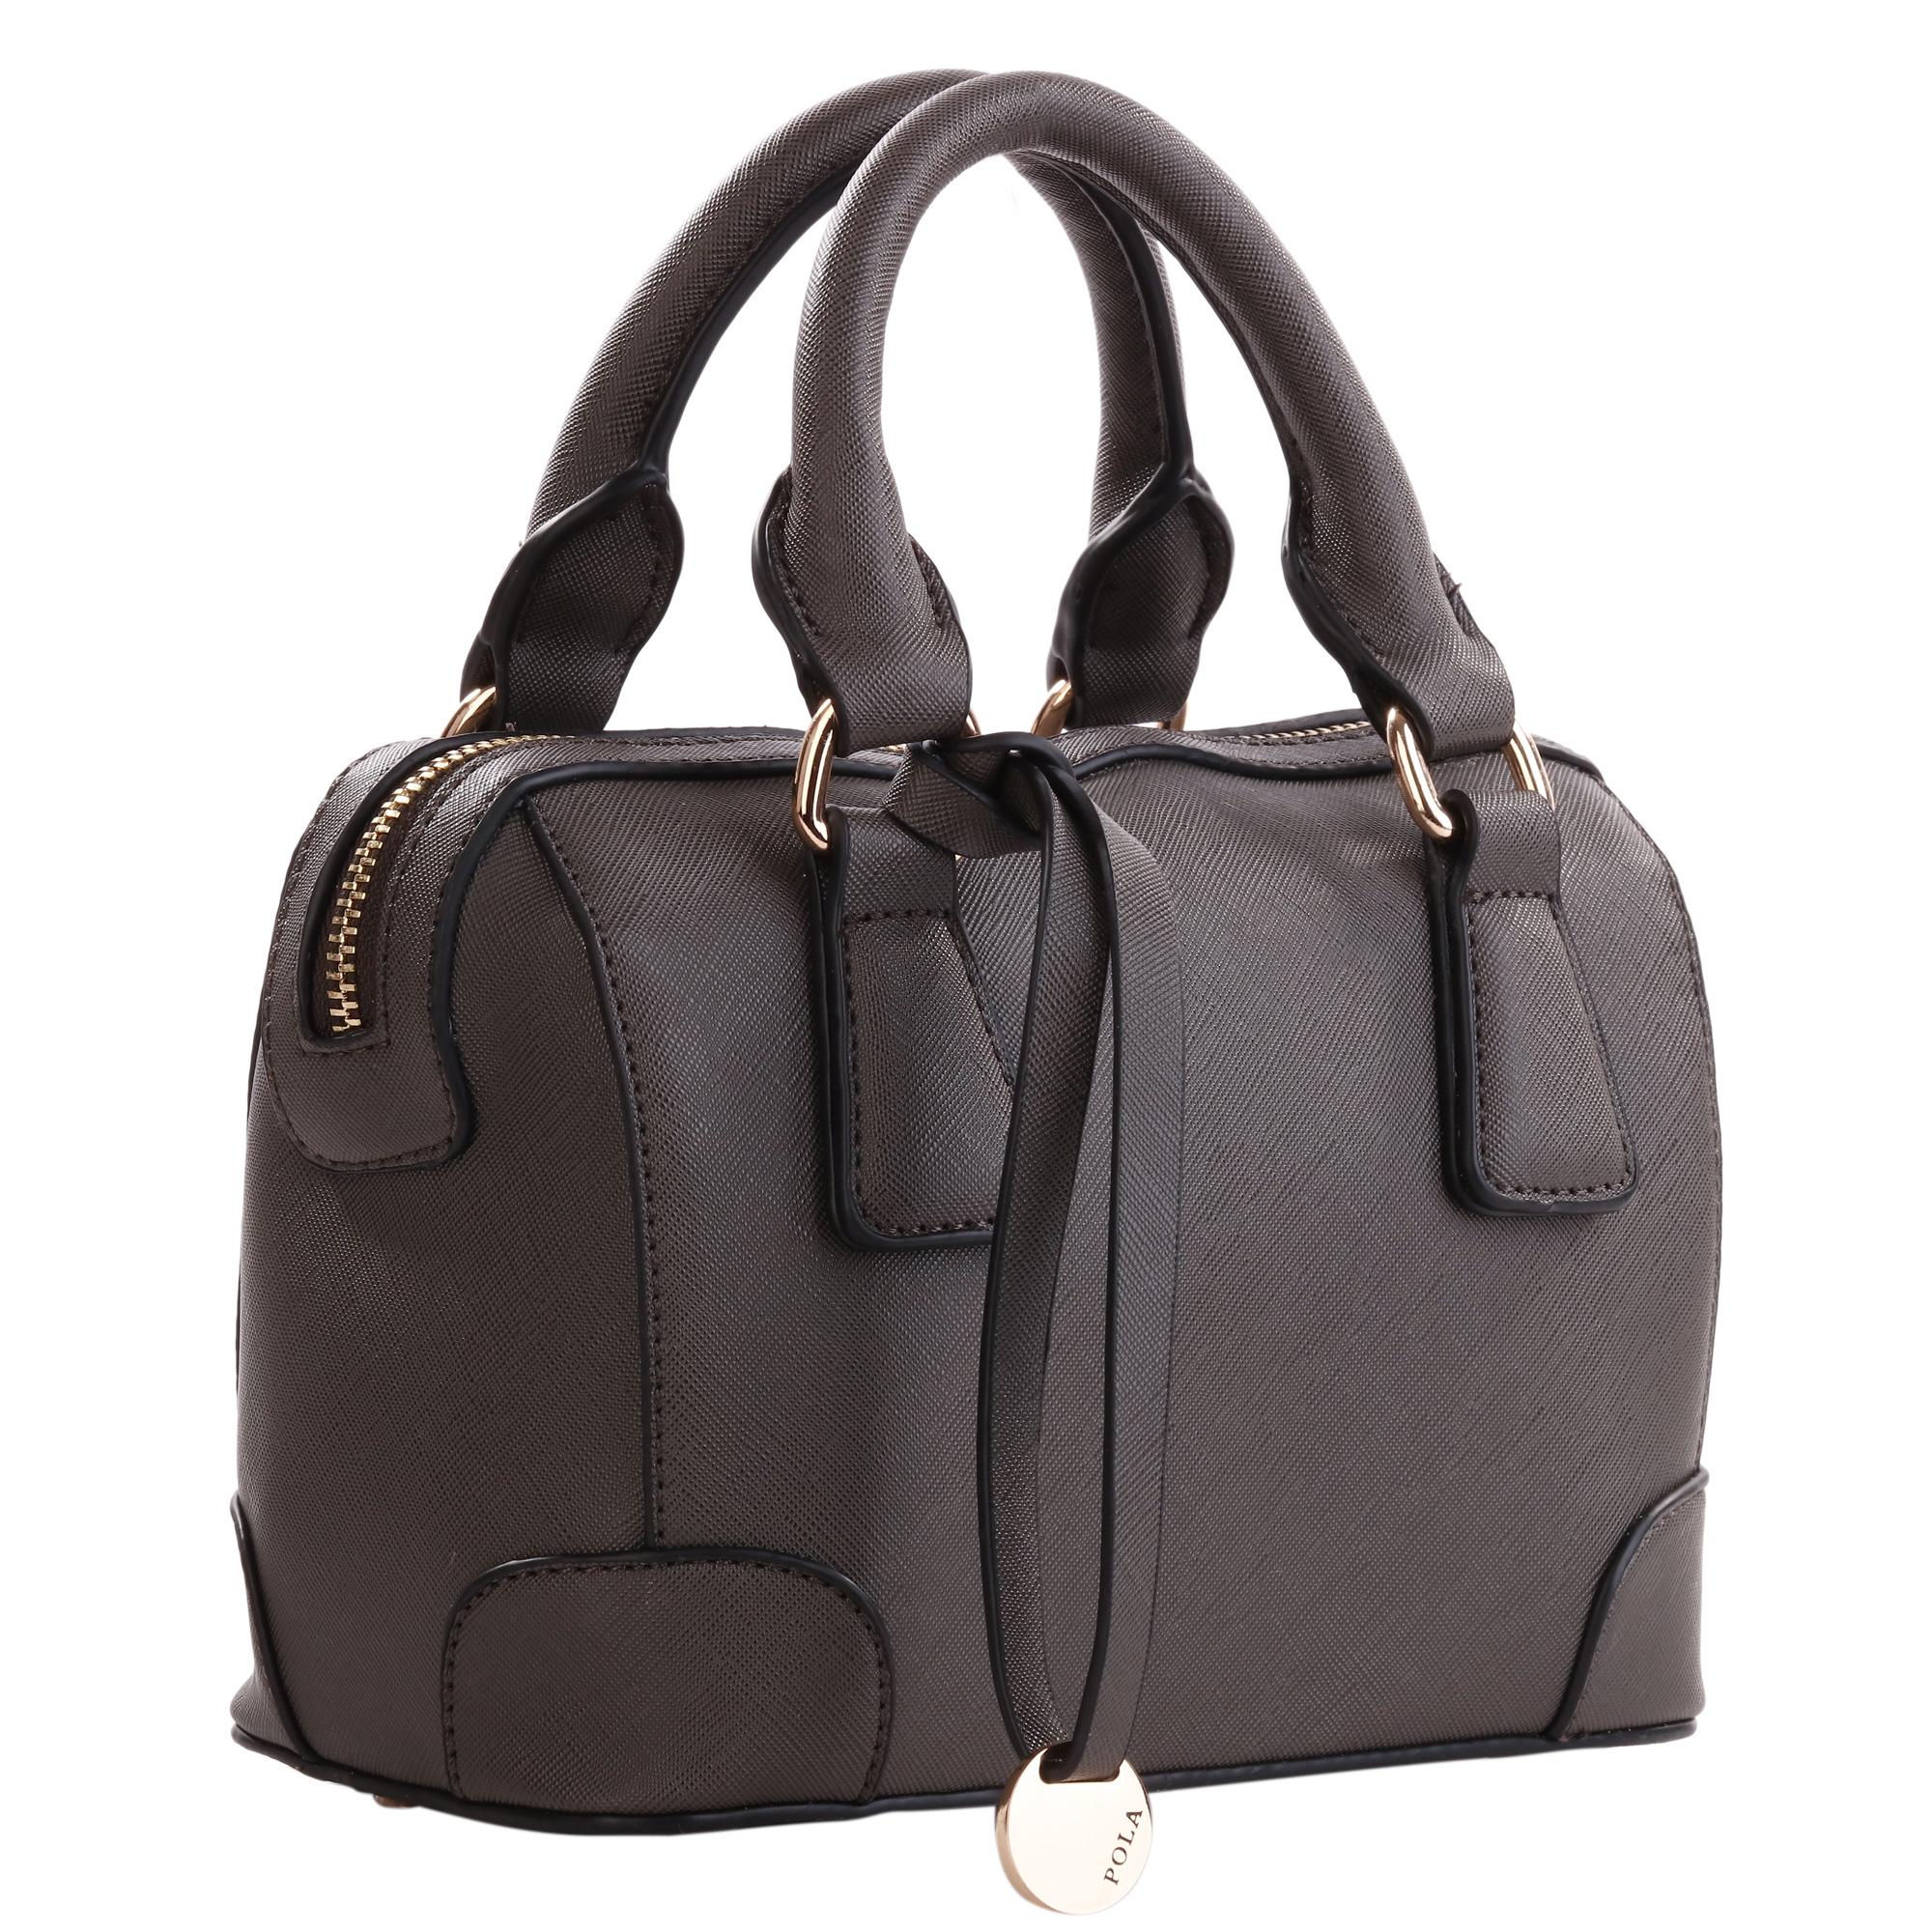 Сумка женская Pola, цвет: темно-серый. 82788278Стильная сумка Pola выполнена из высококачественной искусственной кожи зернистой текстуры и оформлена подвеской с фирменной металлической пластинкой. Изделие дополнено металлическими ножками, которые предотвратят повреждение дна сумки. Также сумка оснащена двумя удобными ручками и съемным плечевым ремнем, длина которого регулируется с помощью пряжки. Изделие закрывается с помощью удобной застежки-молнии. Внутри расположено главное отделение, которое содержит один открытый накладной карман для телефона и мелочей и один вшитый карман на молнии.